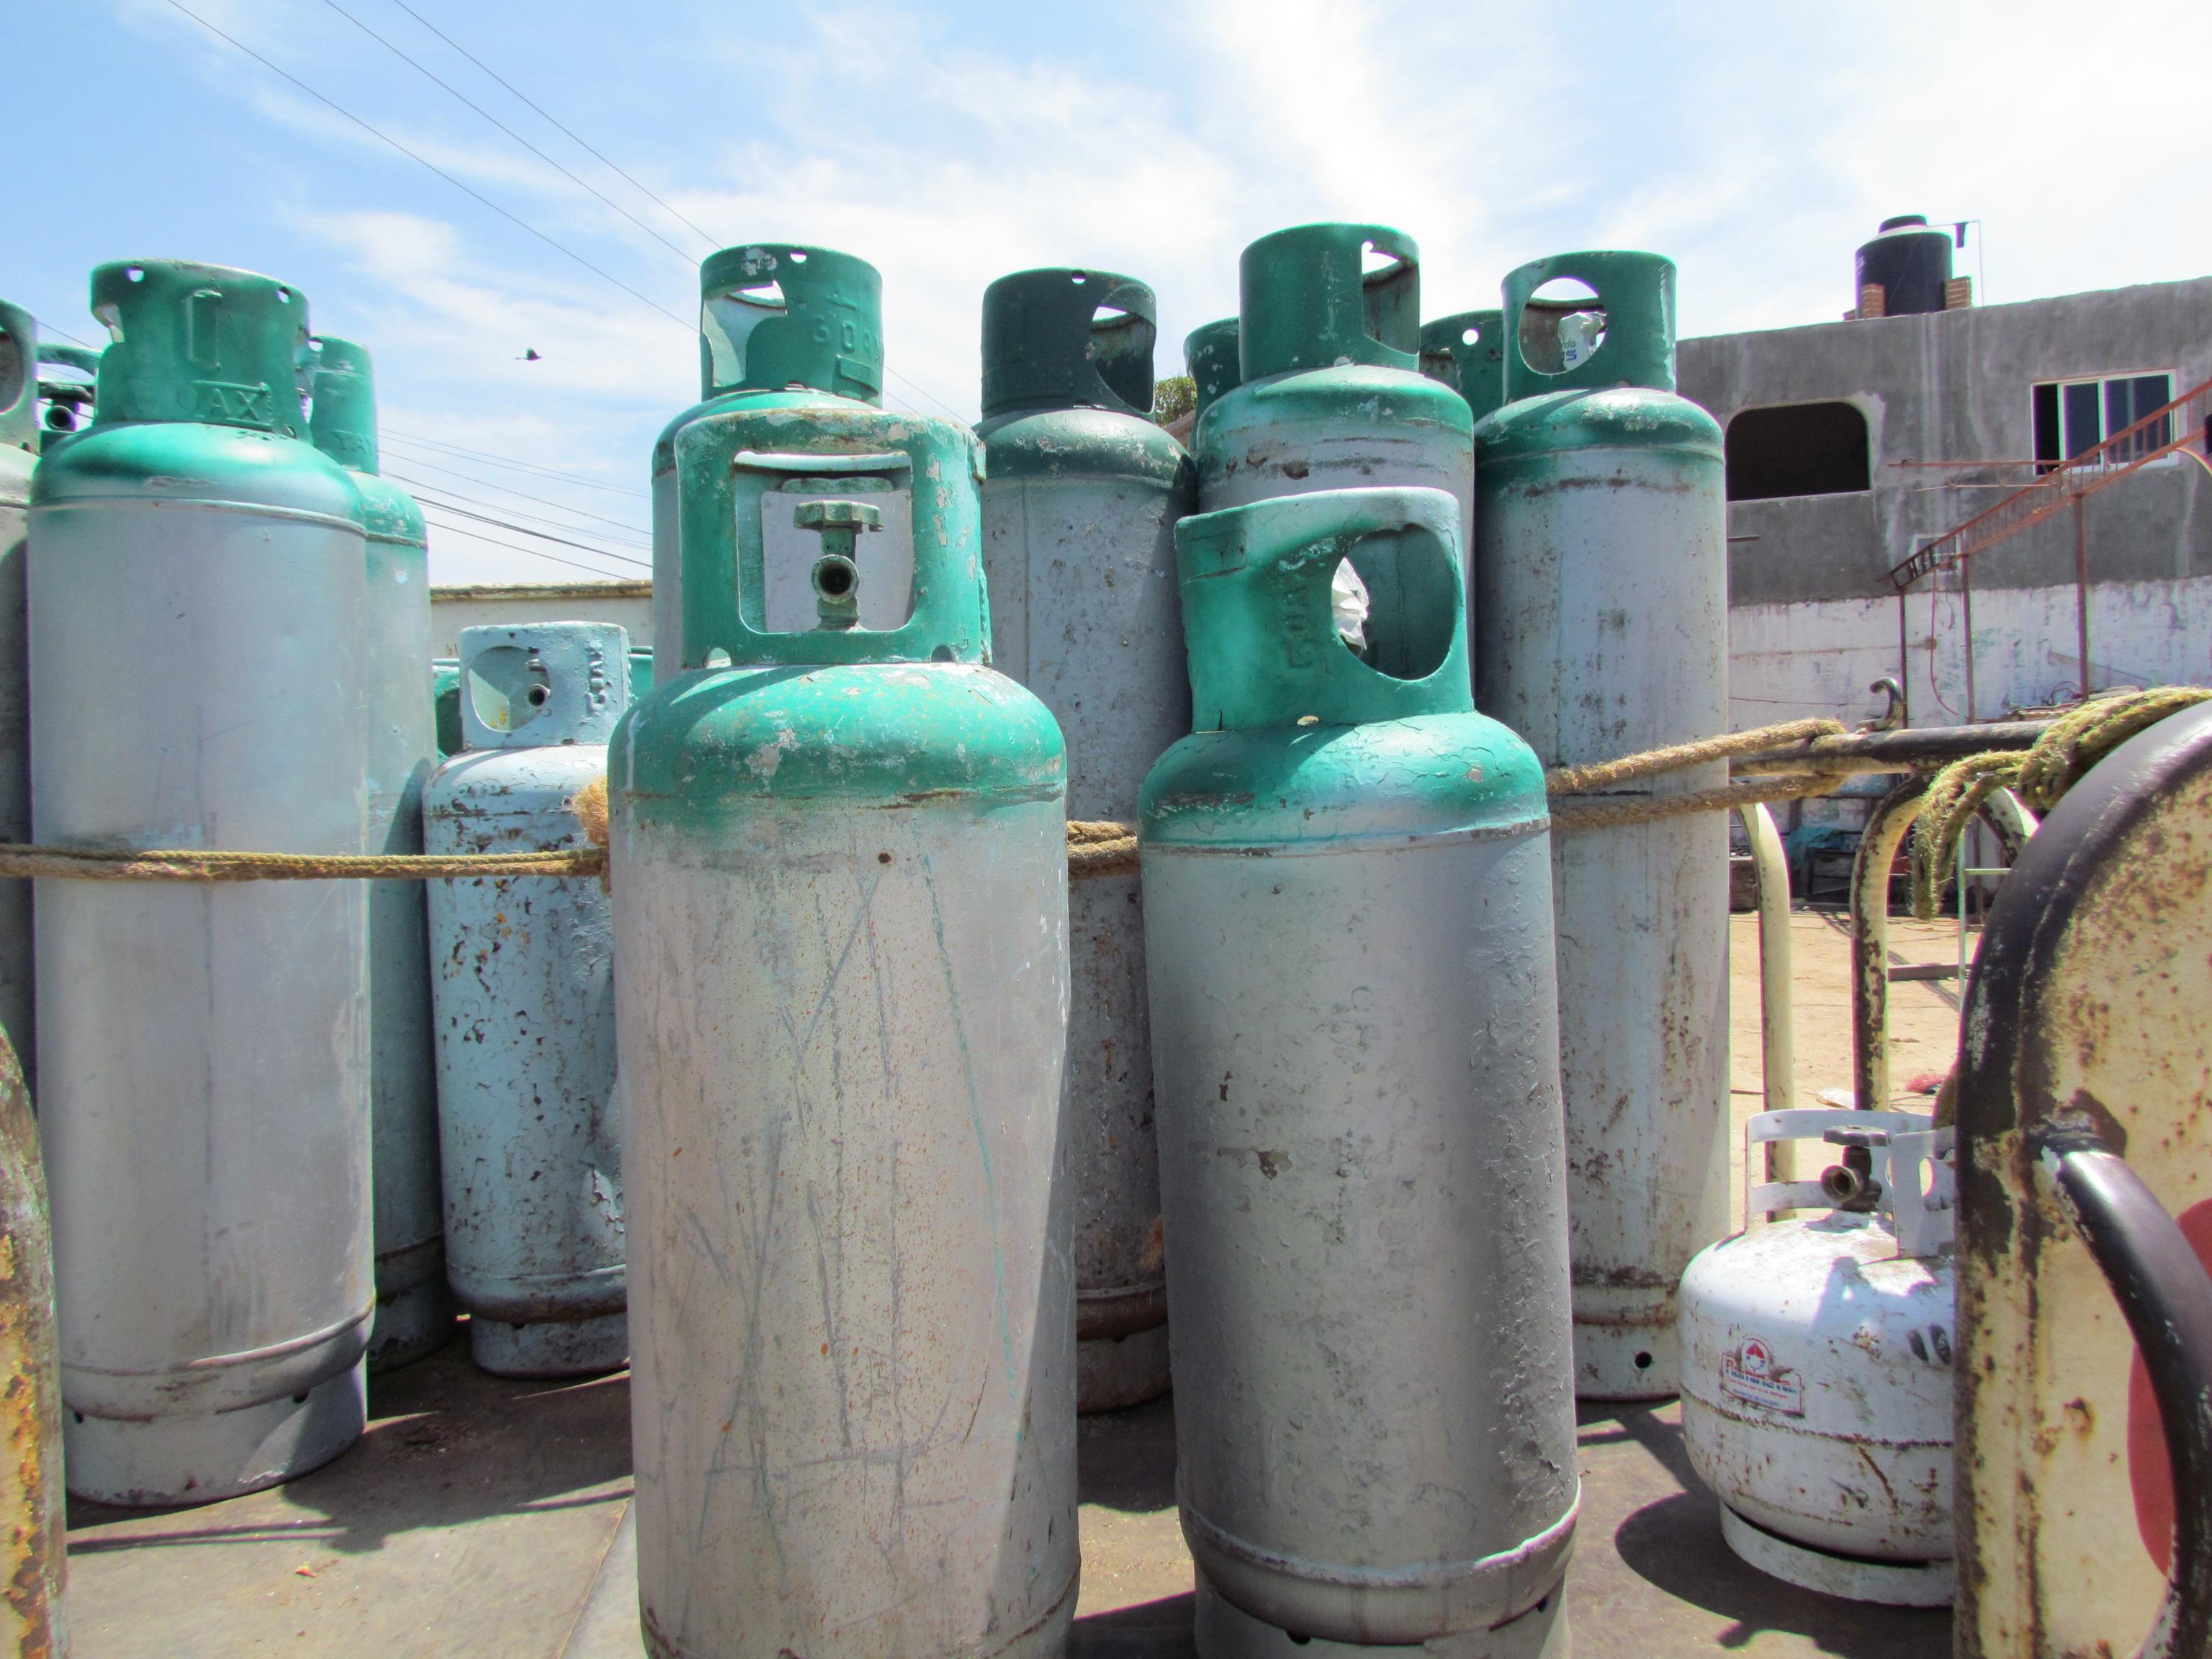 Tanque de gas se vende casi en mil pesos